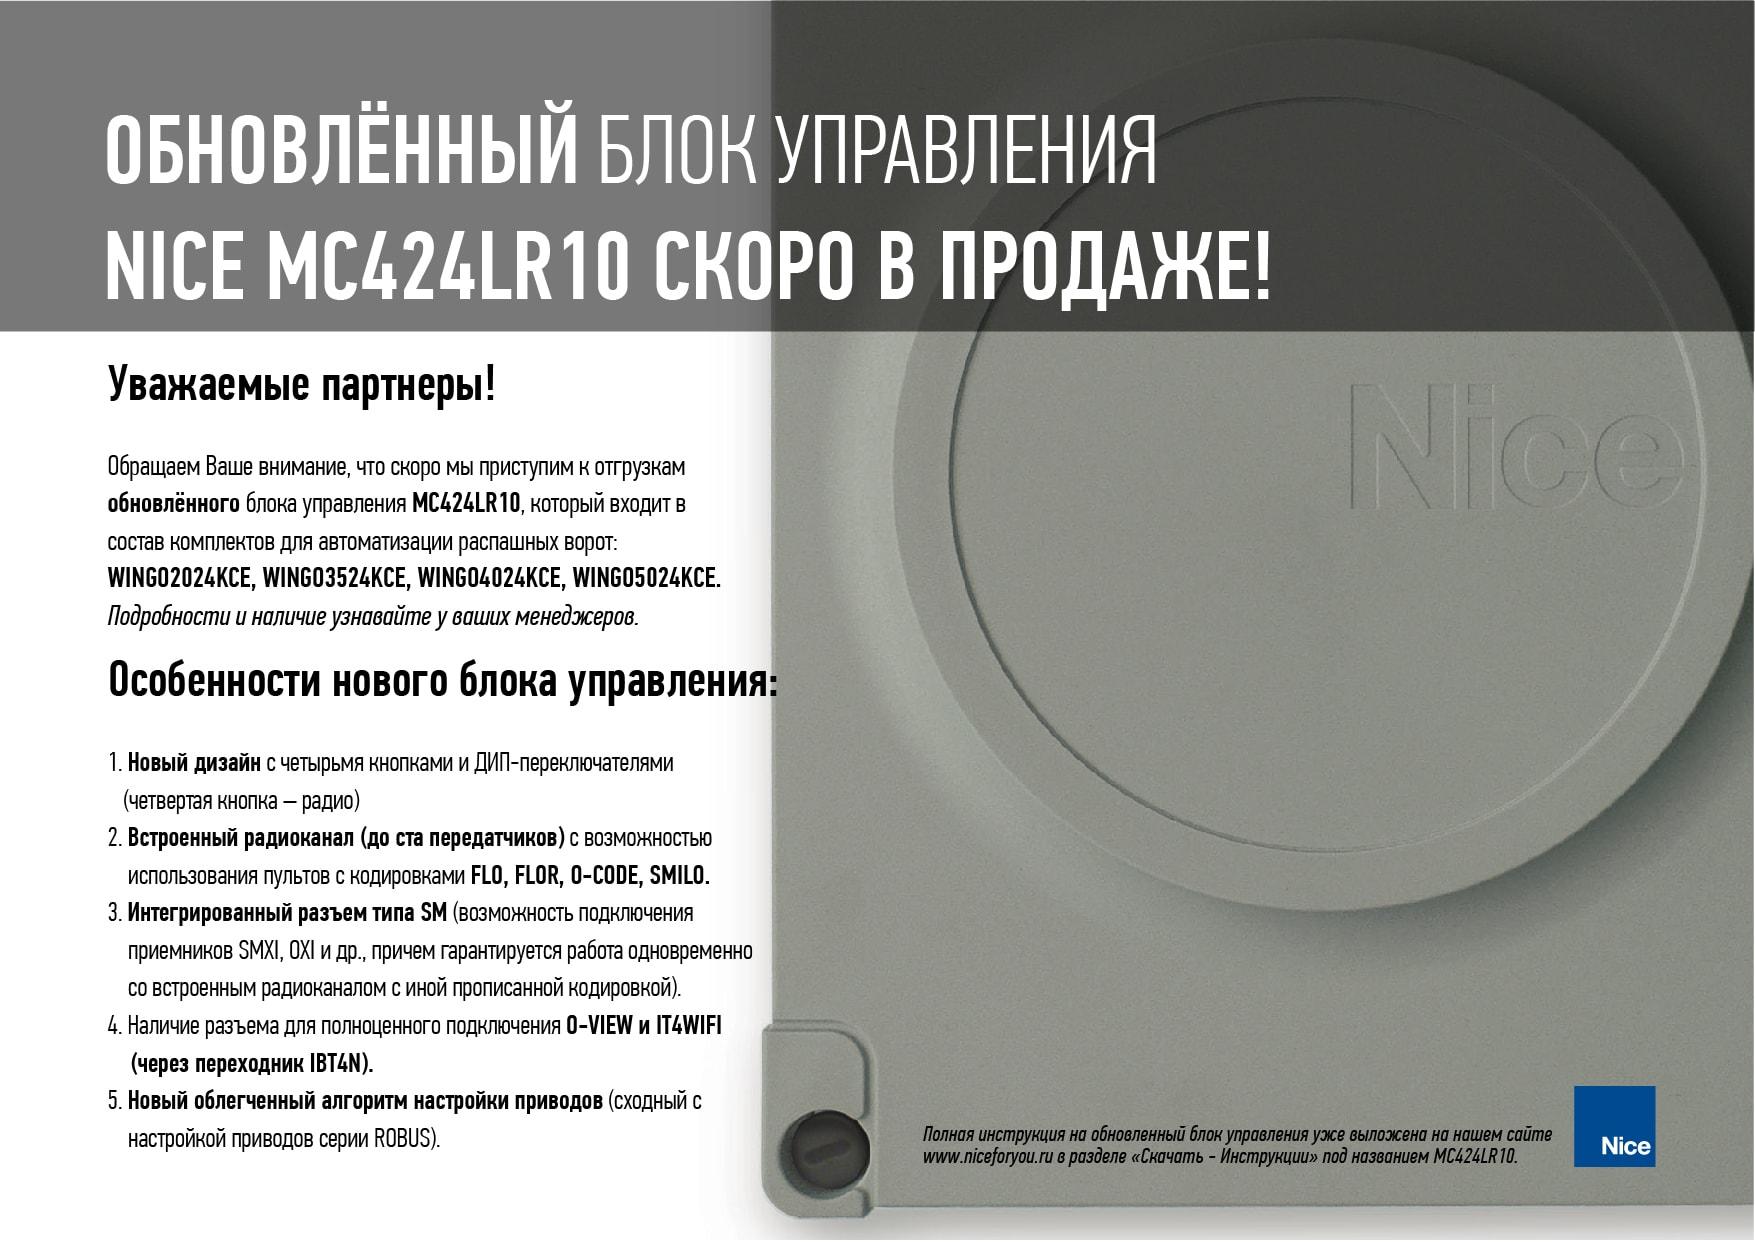 ОБНОВЛЁННЫЙ БЛОК УПРАВЛЕНИЯ NICE MC424LR10 СКОРО В ПРОДАЖЕ!